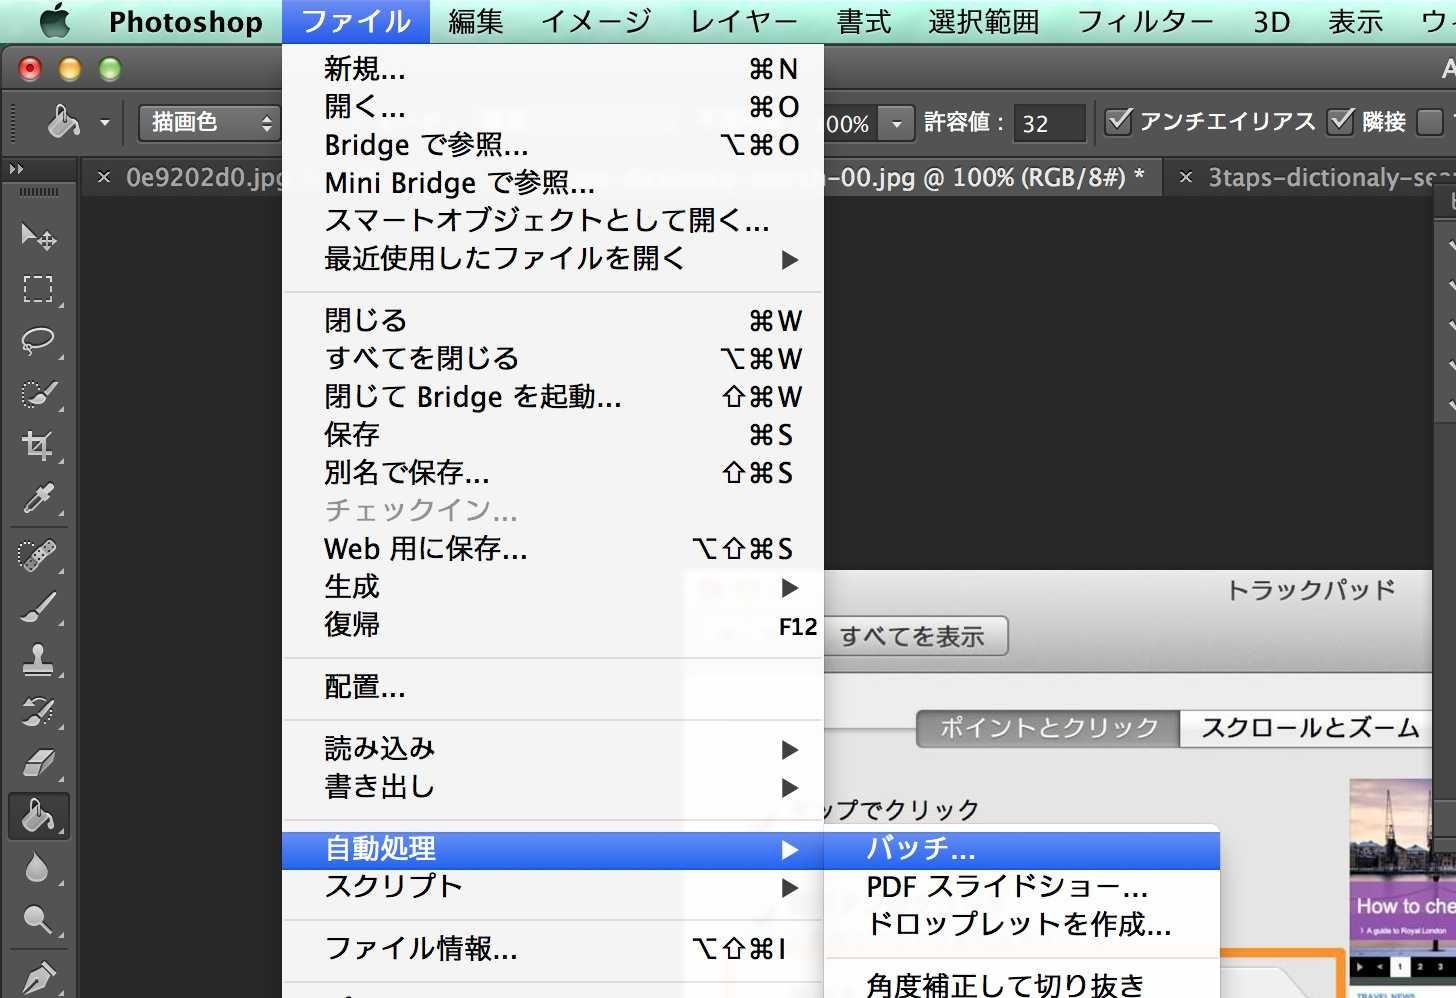 Photoshop all photos filtering correction 5